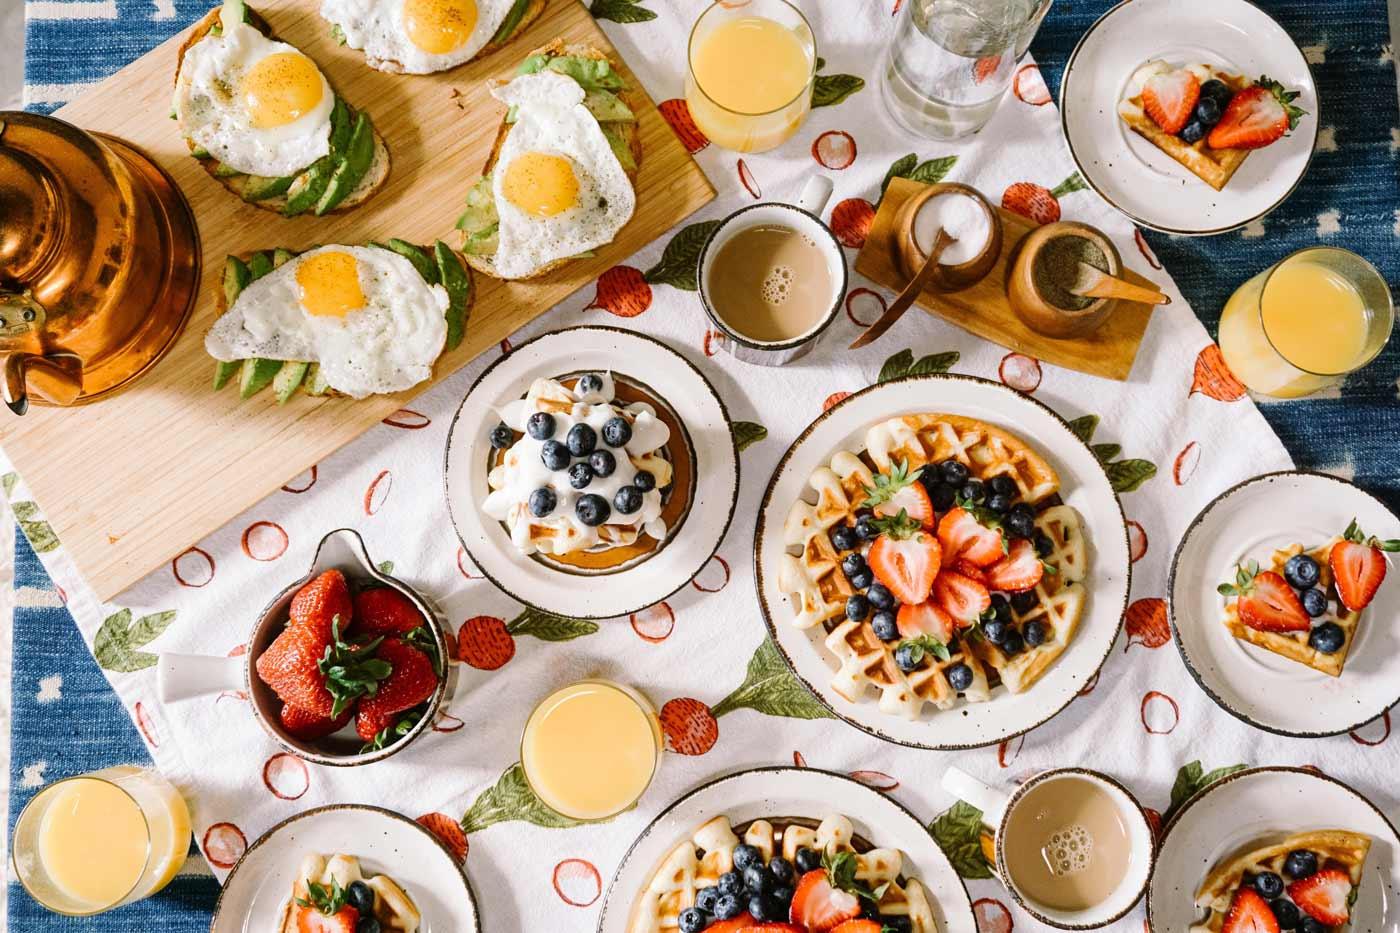 با 11 تا از بهترین صبحانه ها از نظر تغذیه که هر کدام صبحانه سالم و مغذی هستند آشنا شوید